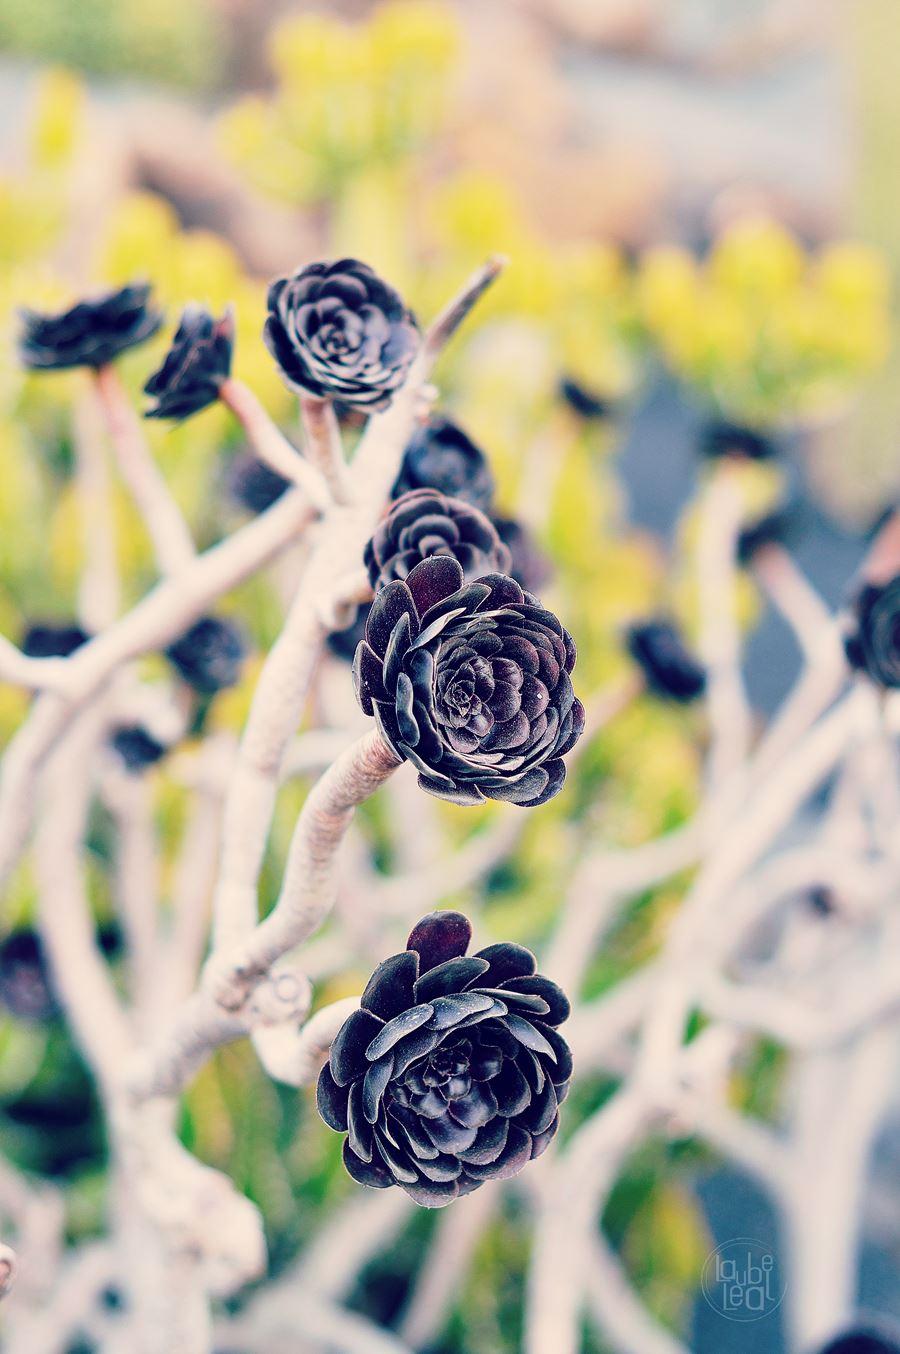 Aeonium atropurpureum de Laube Leal